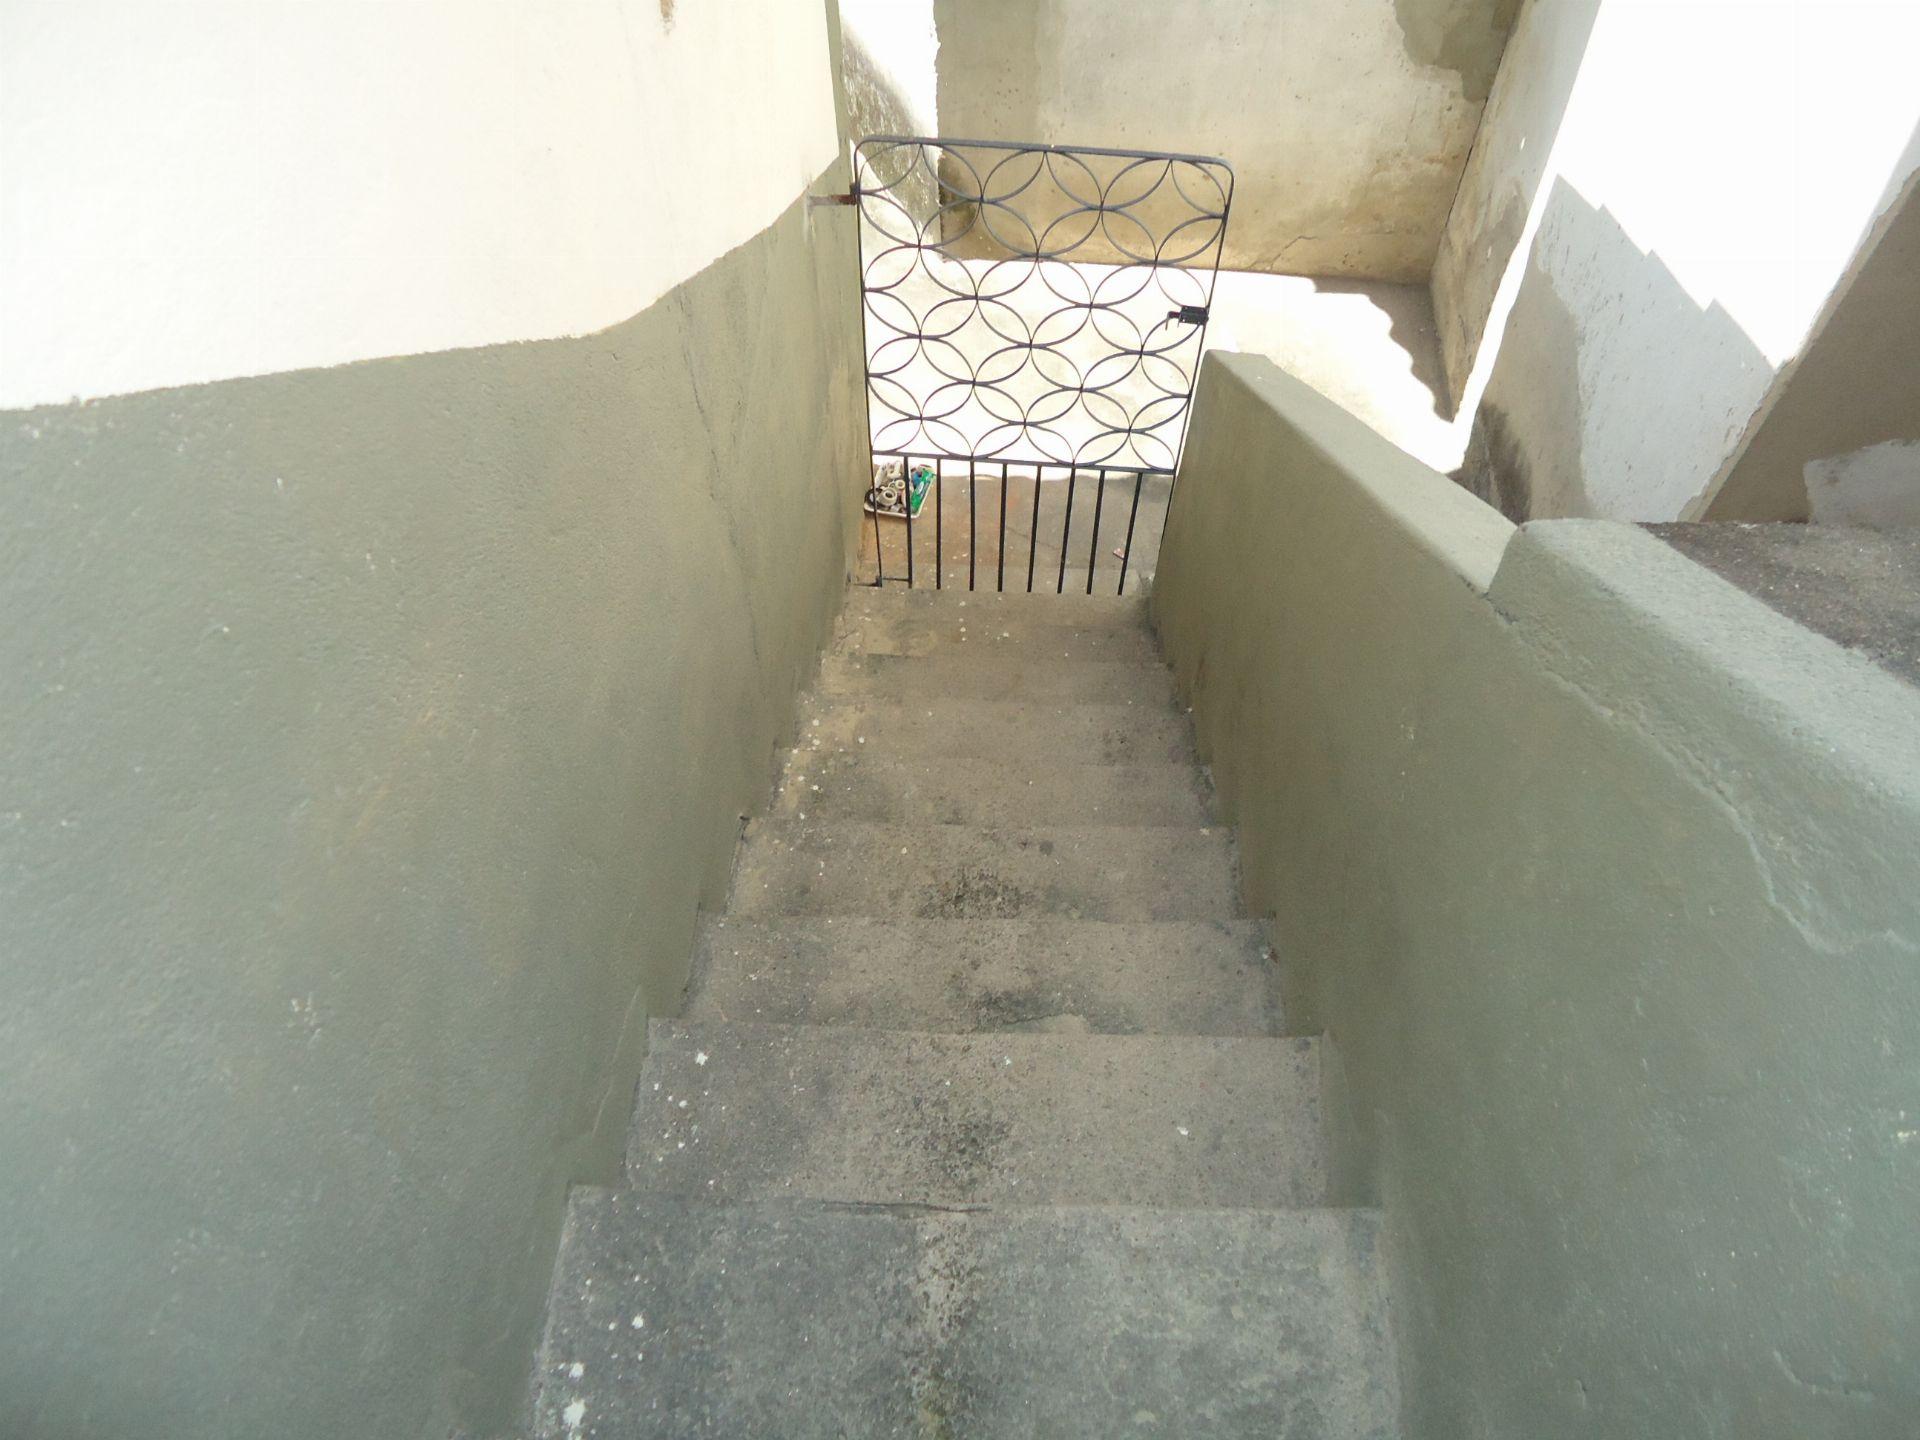 higienópolis, Bonsucesso, Rio de Janeiro, RJ - 473204 - 10